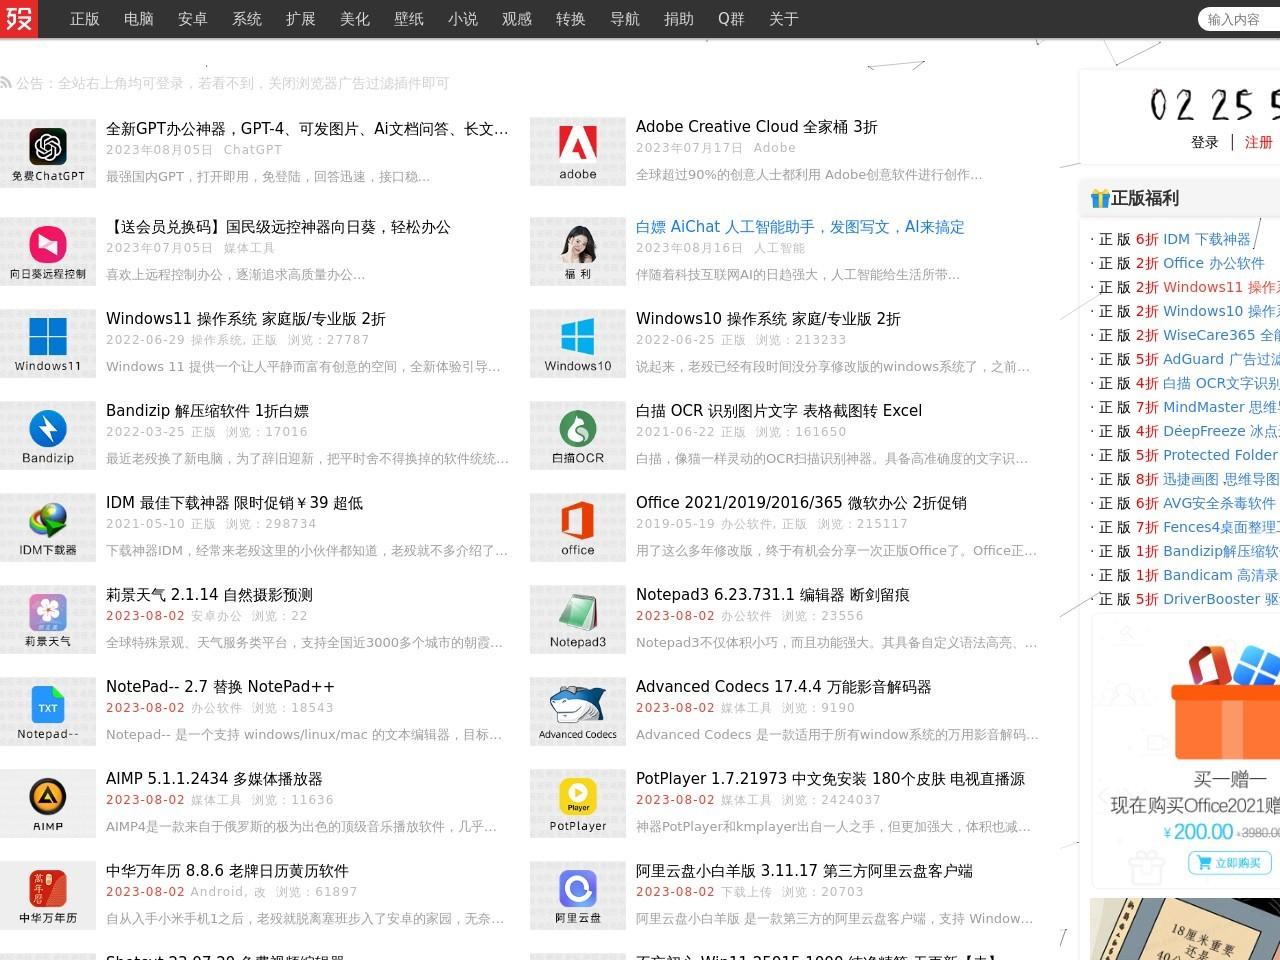 殁漂遥_老殁网